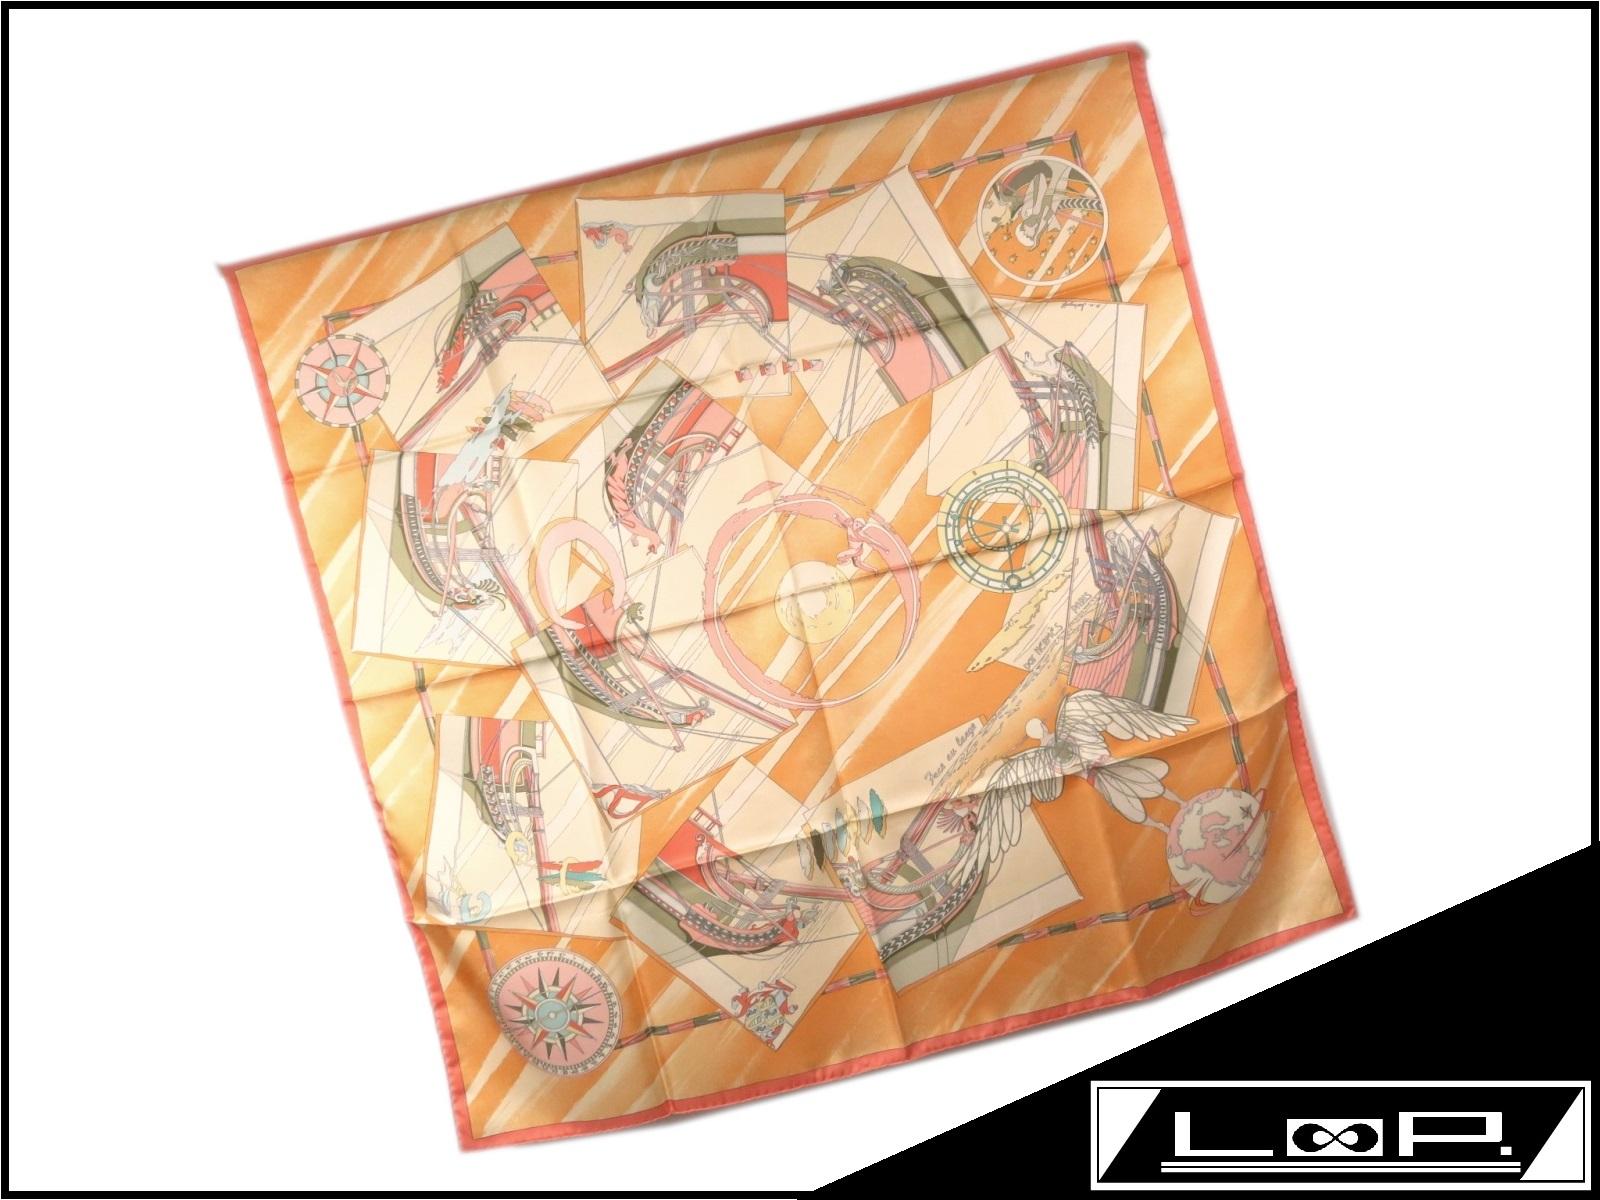 【美品】 HERMES エルメス カレ 90 Face au large 沖に向かって スカーフ シルク オレンジ 船 帆 【A23315】 【中古】